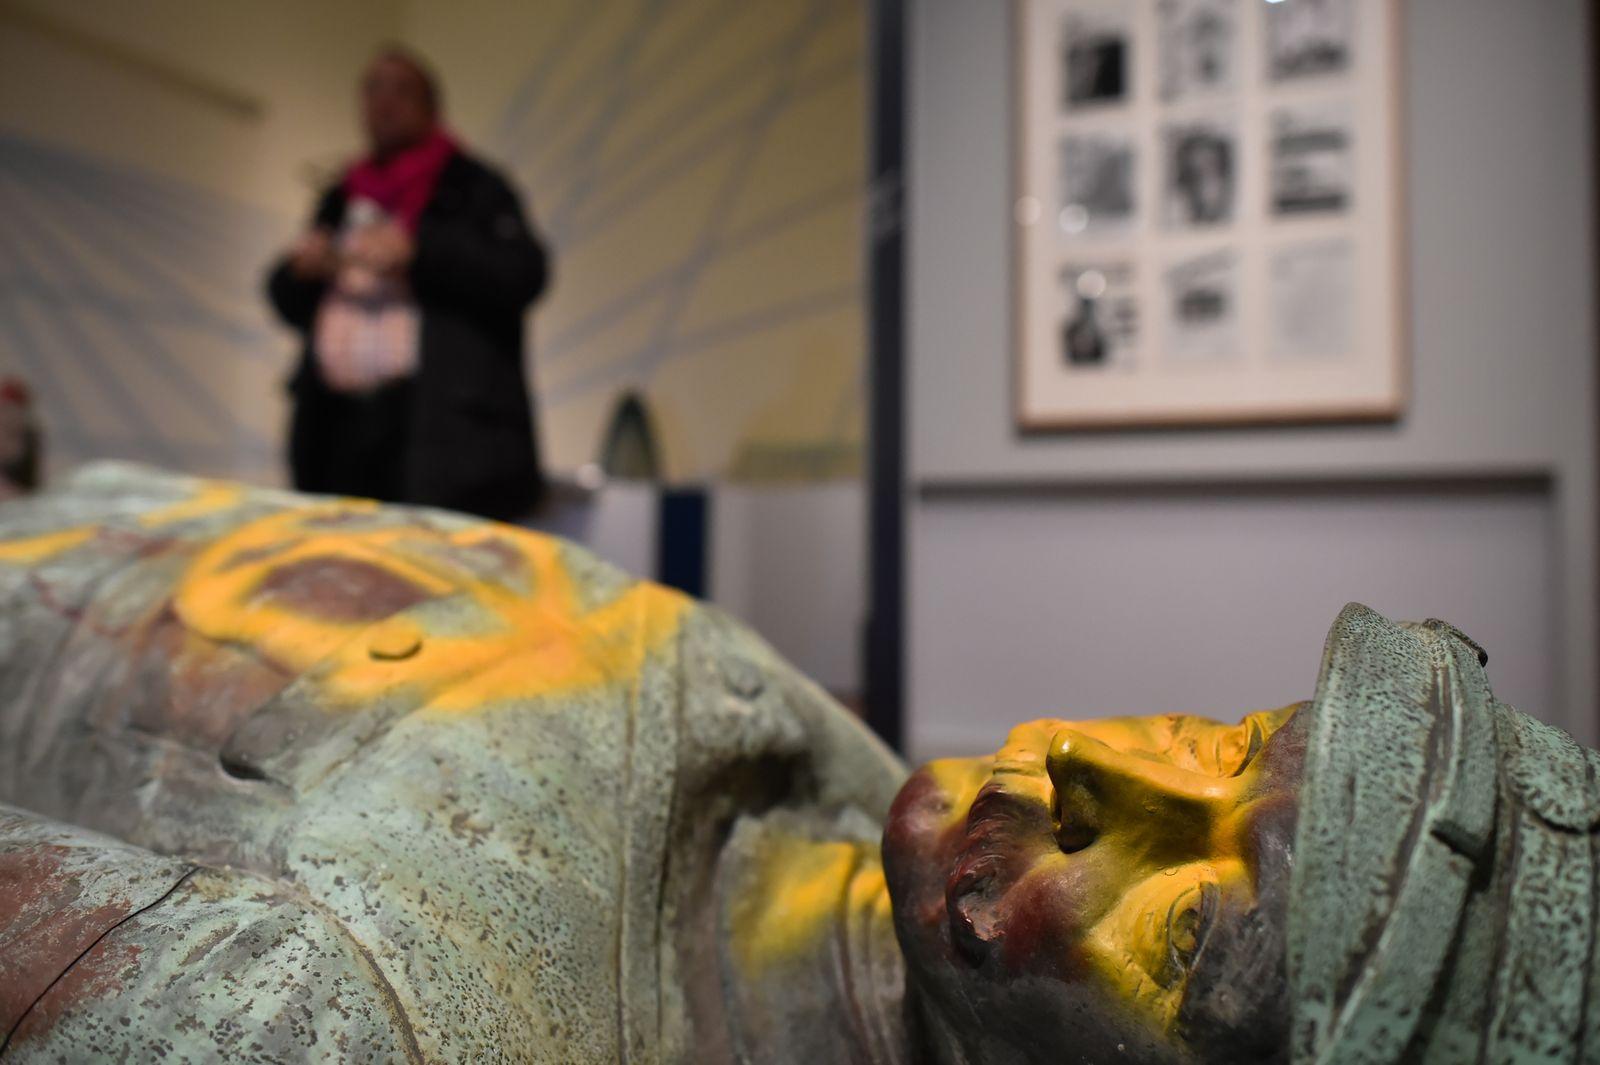 Koloniales Erbe - Deutsche Museen vor Mammutaufgabe